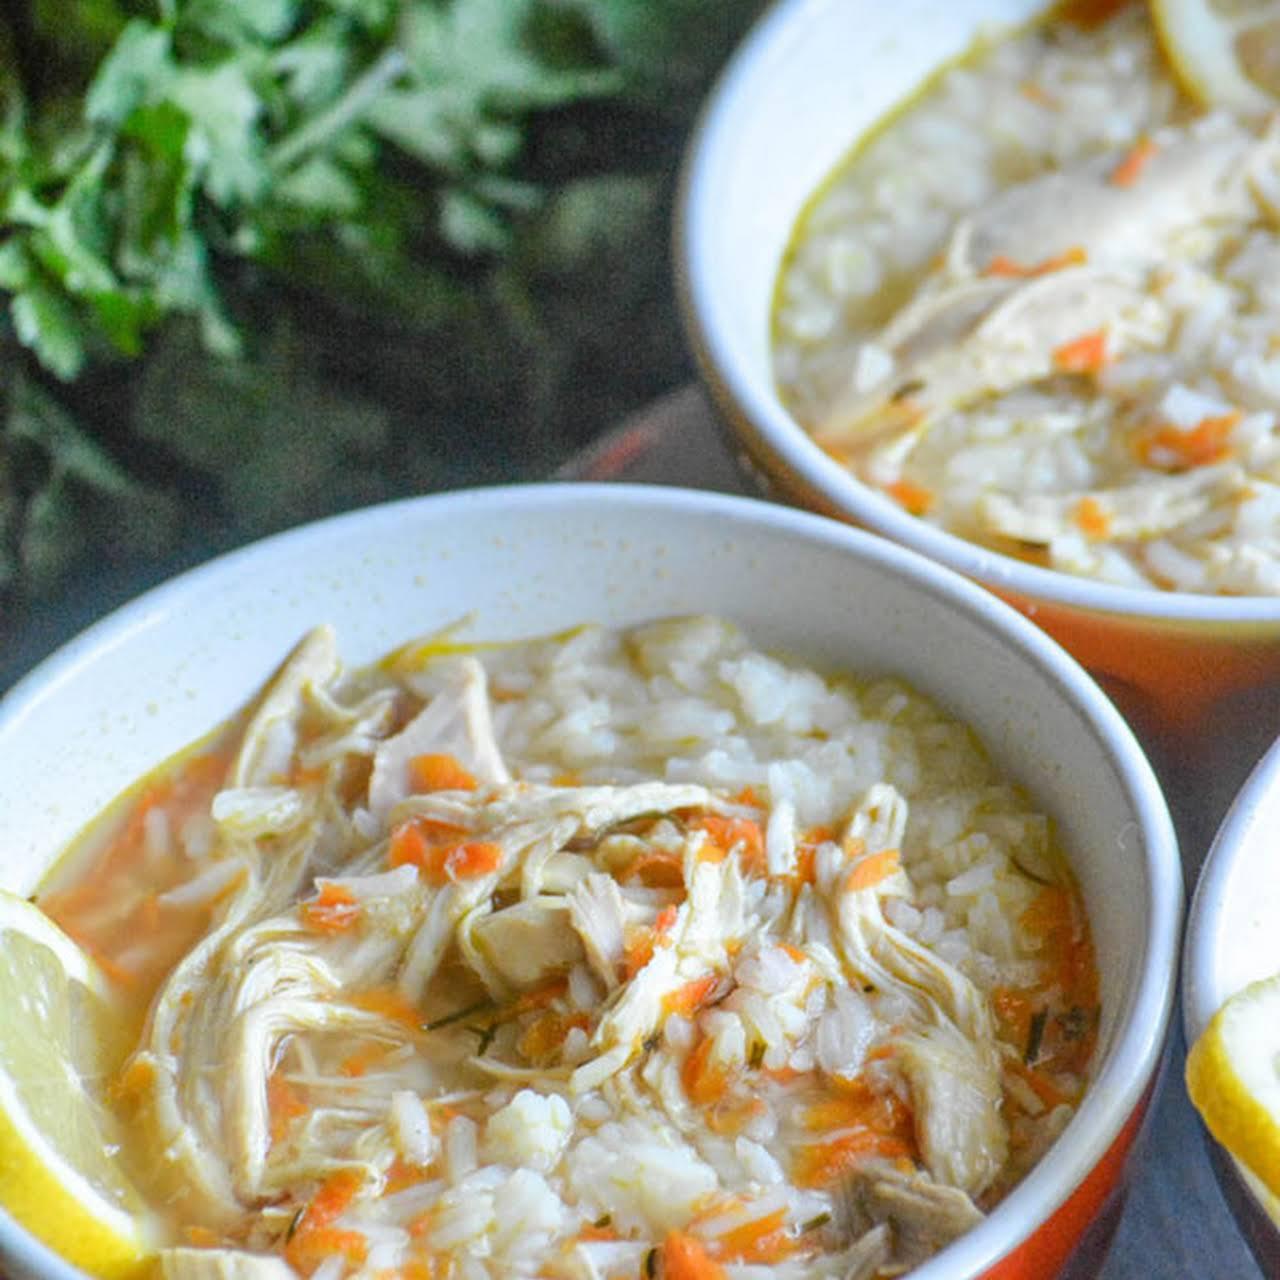 Copy Cat Tazikis Greek Lemon Chicken Soup